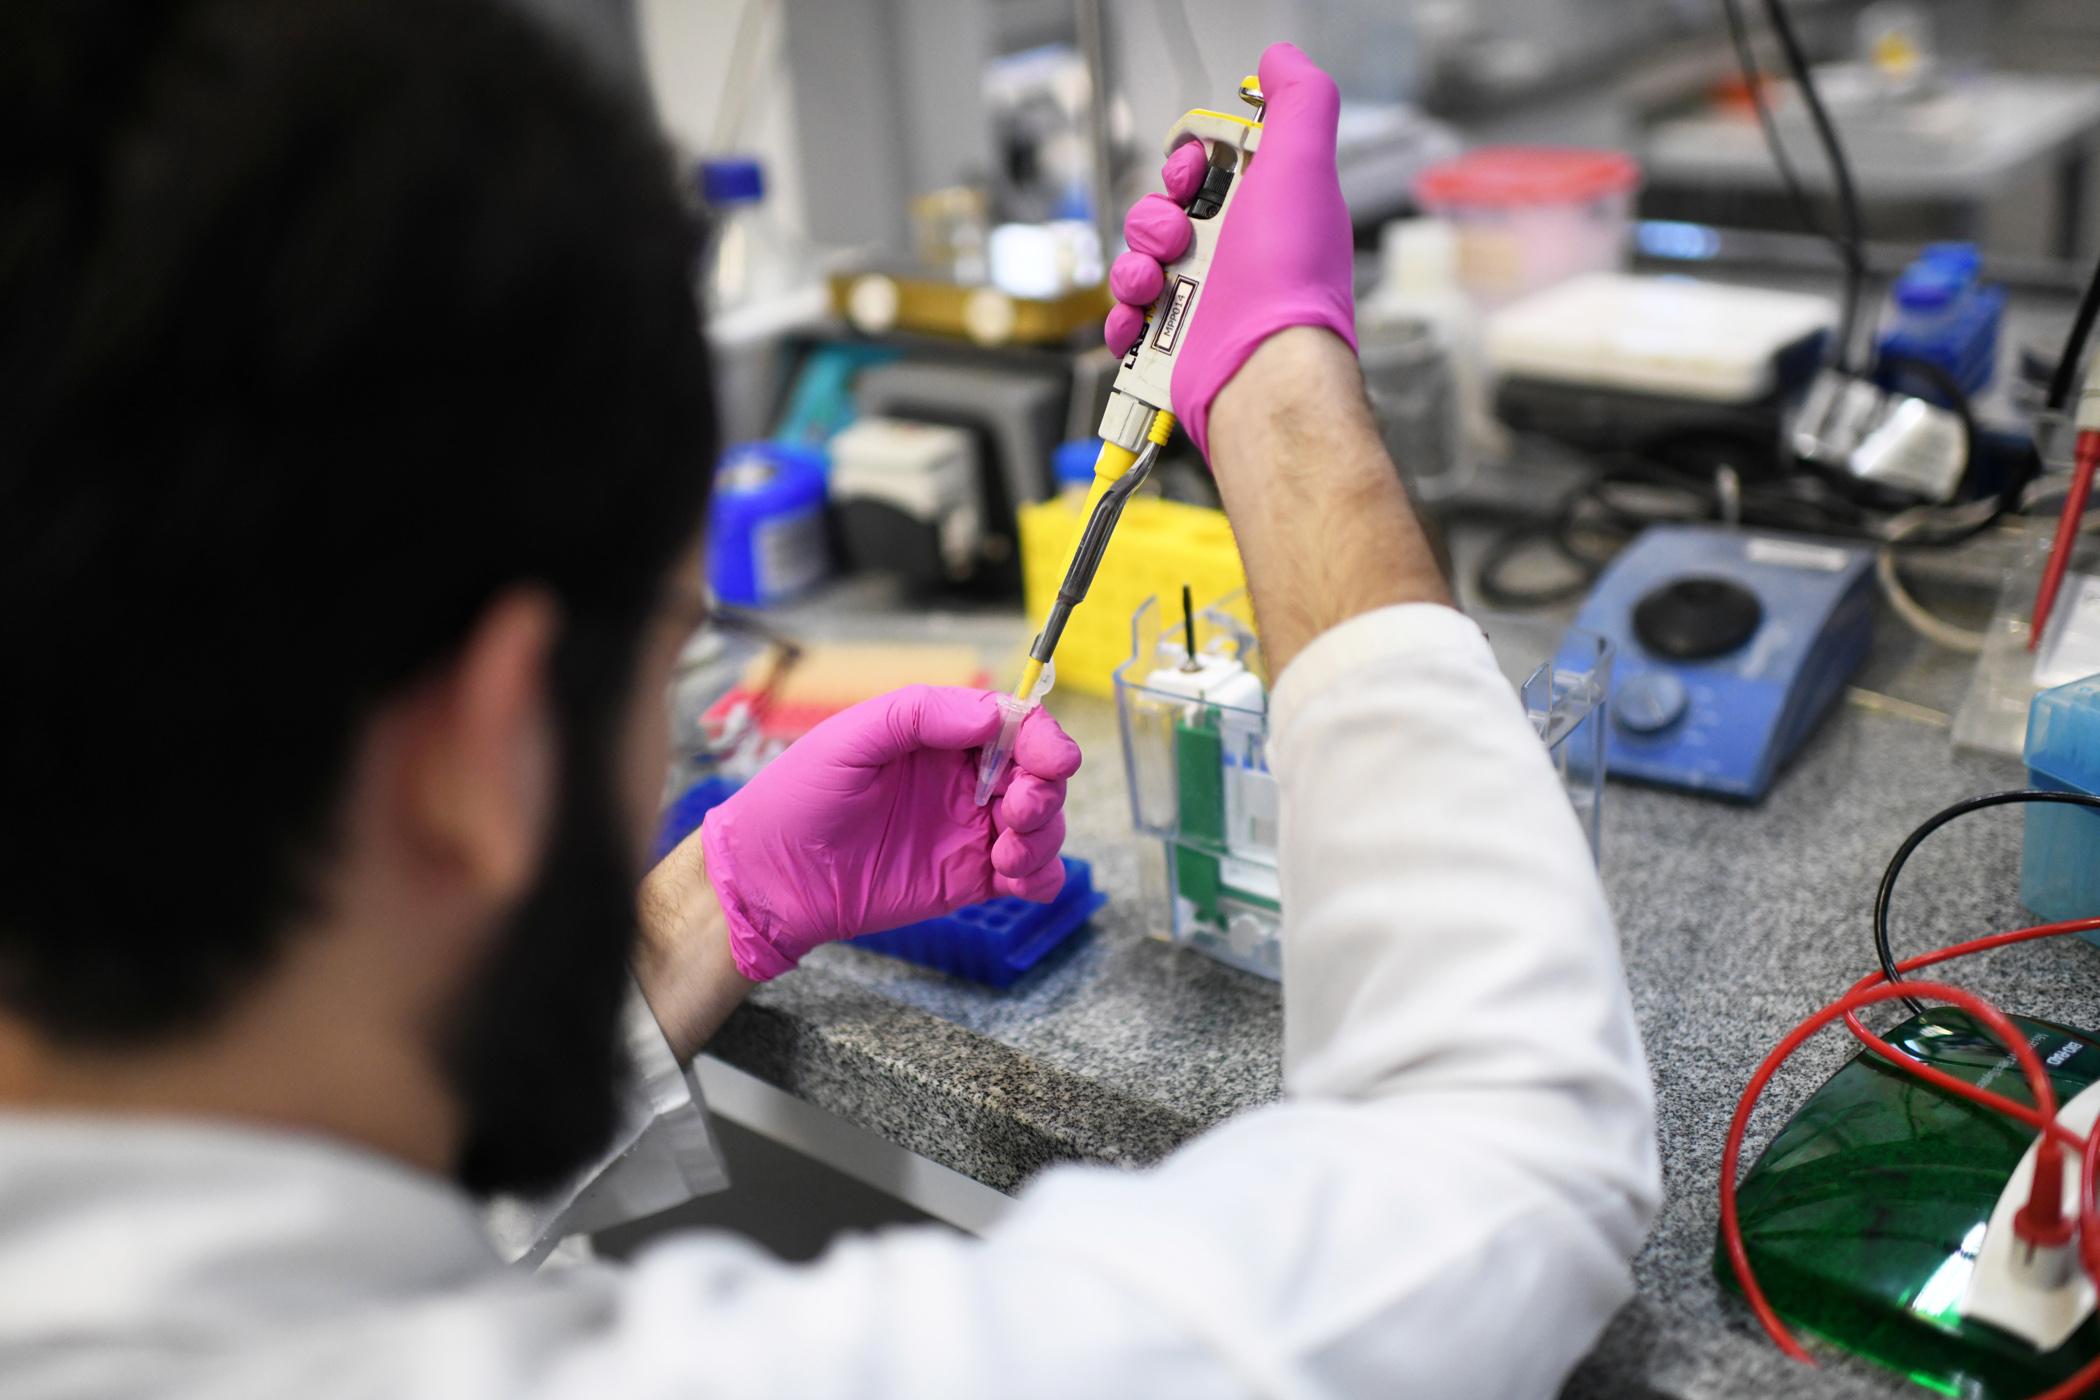 Στη μάχη κατά του κορονοϊού το εμβόλιο για τη φυματίωση – Τι αναφέρουν ερευνητές